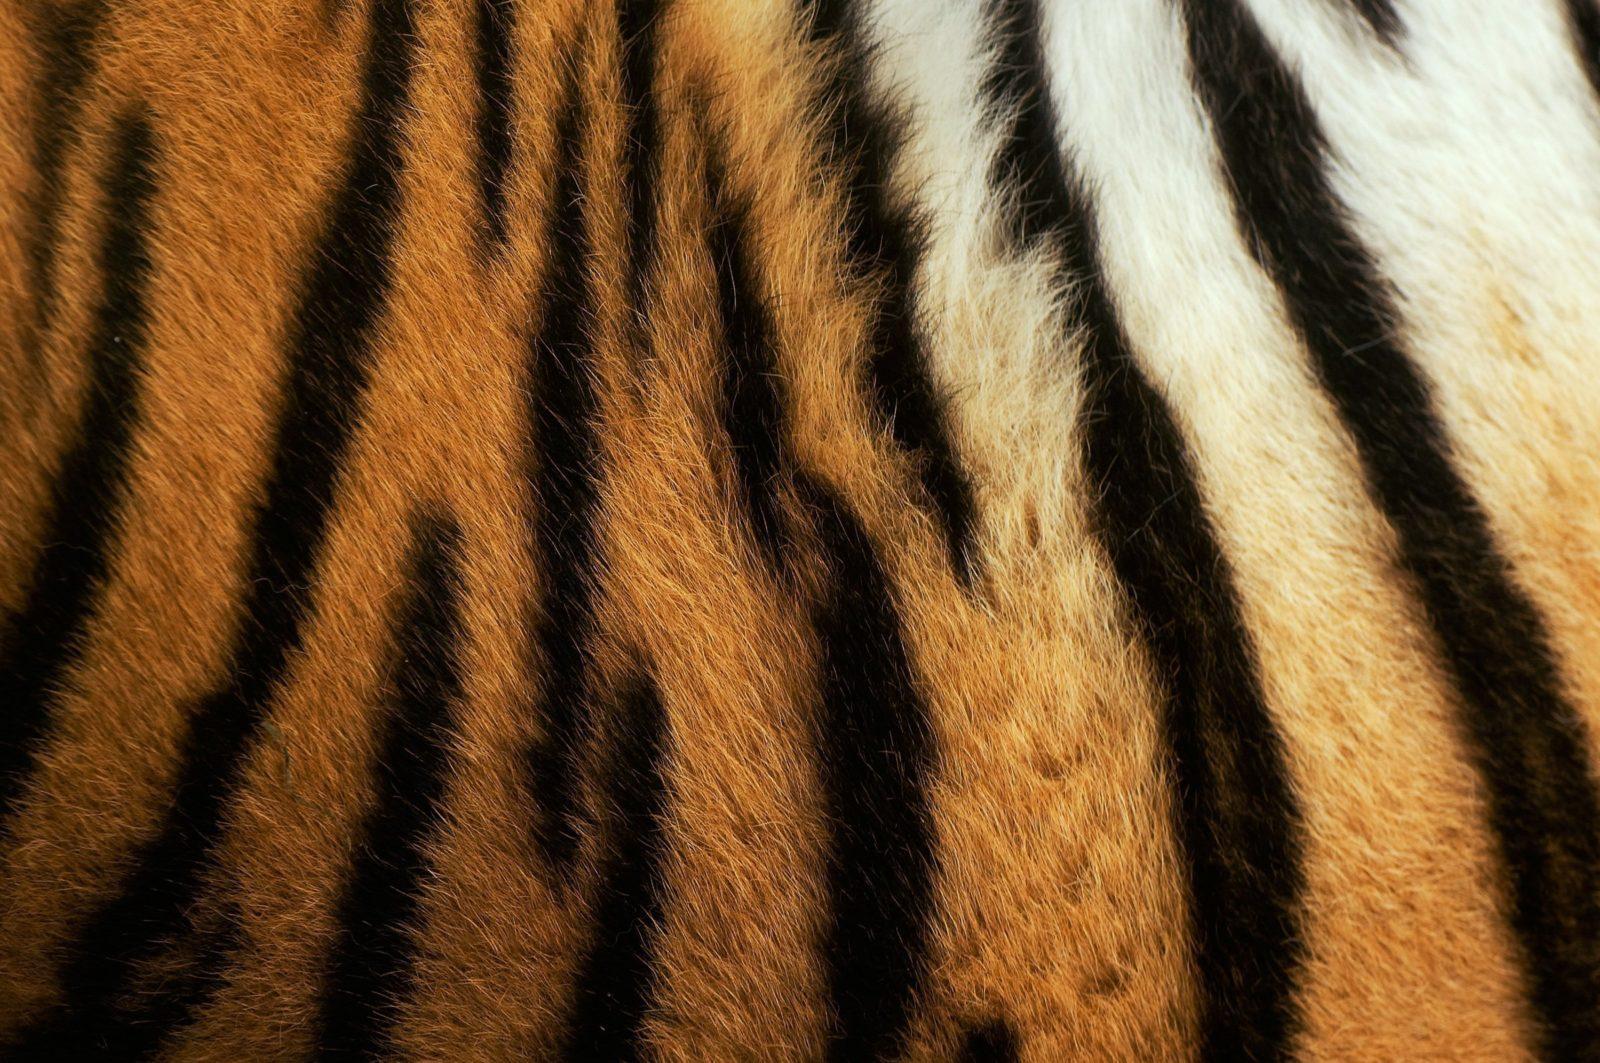 Mönster från päls på sibirisk tiger